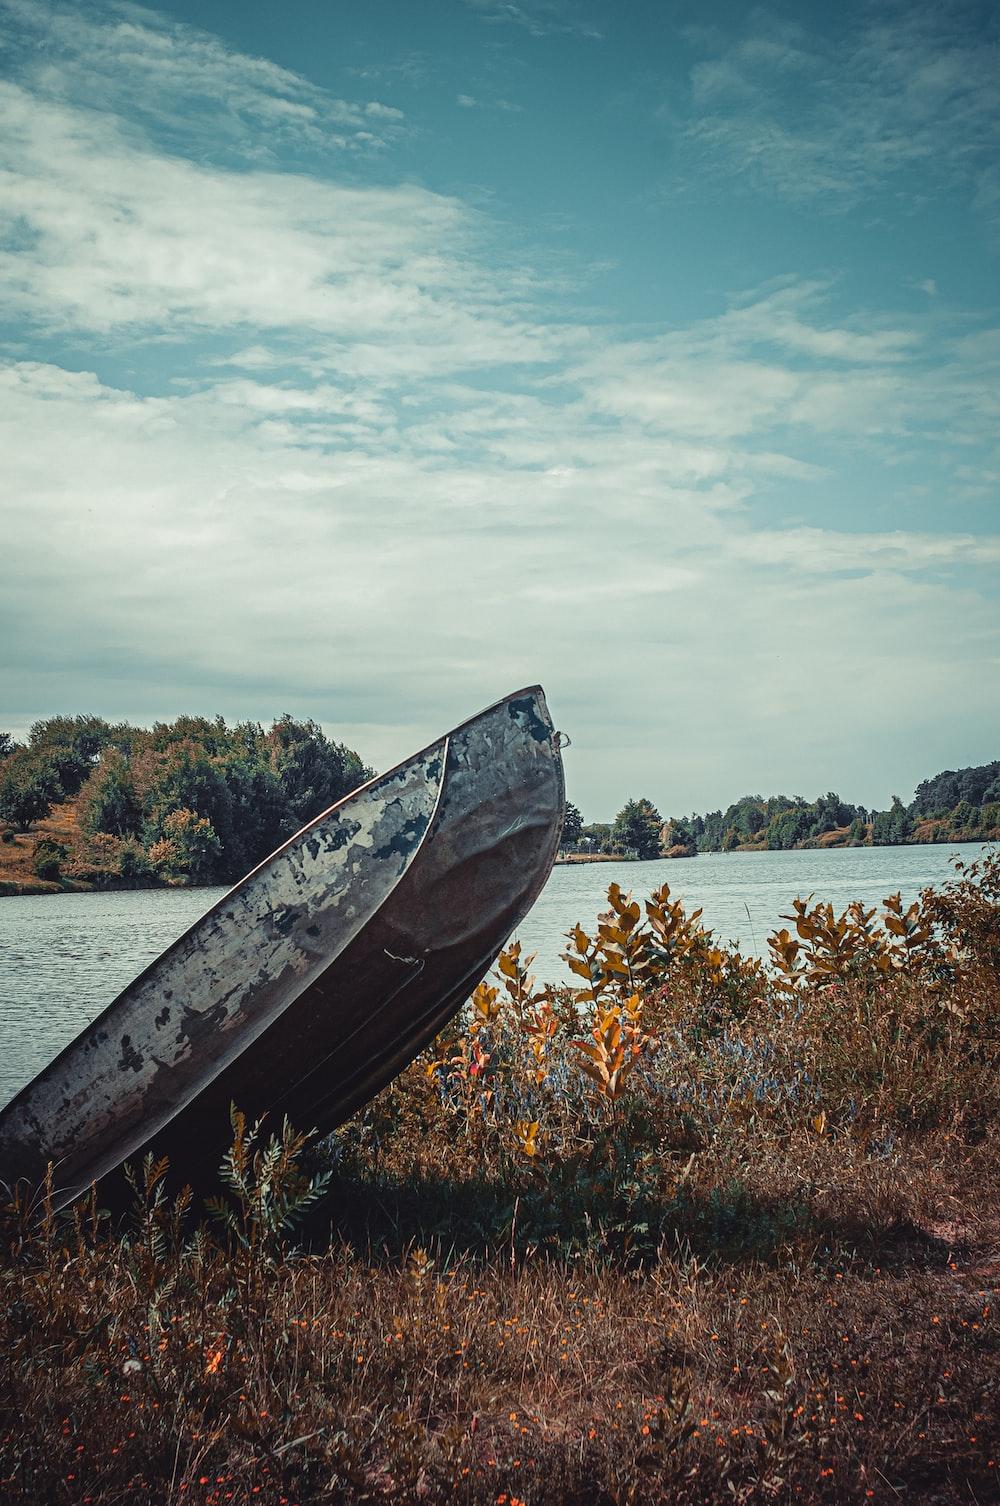 gray jon boat on plants near body of water